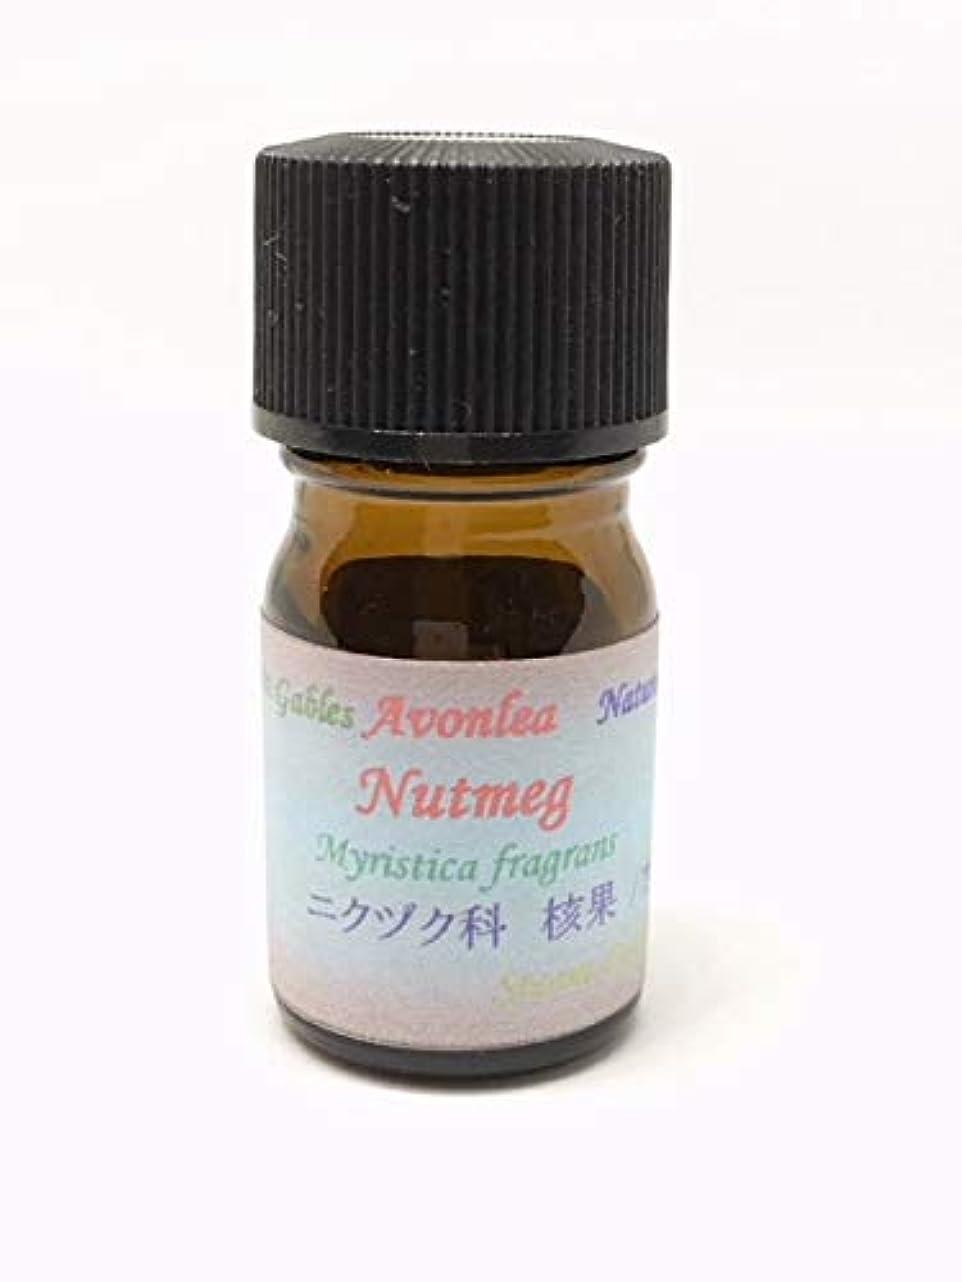 ズボンホイップ着服ナツメグ 100% ピュア エッセンシャルオイル 高級精油 30ml Nutmeg